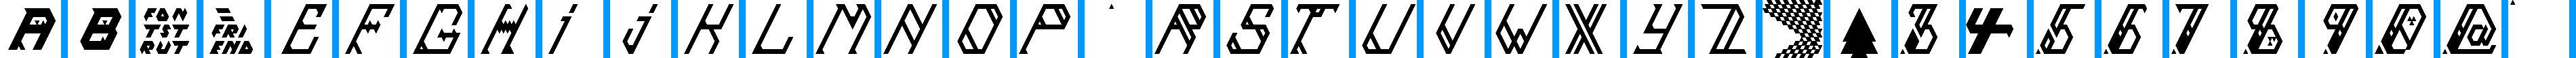 Particip-a-type v.343